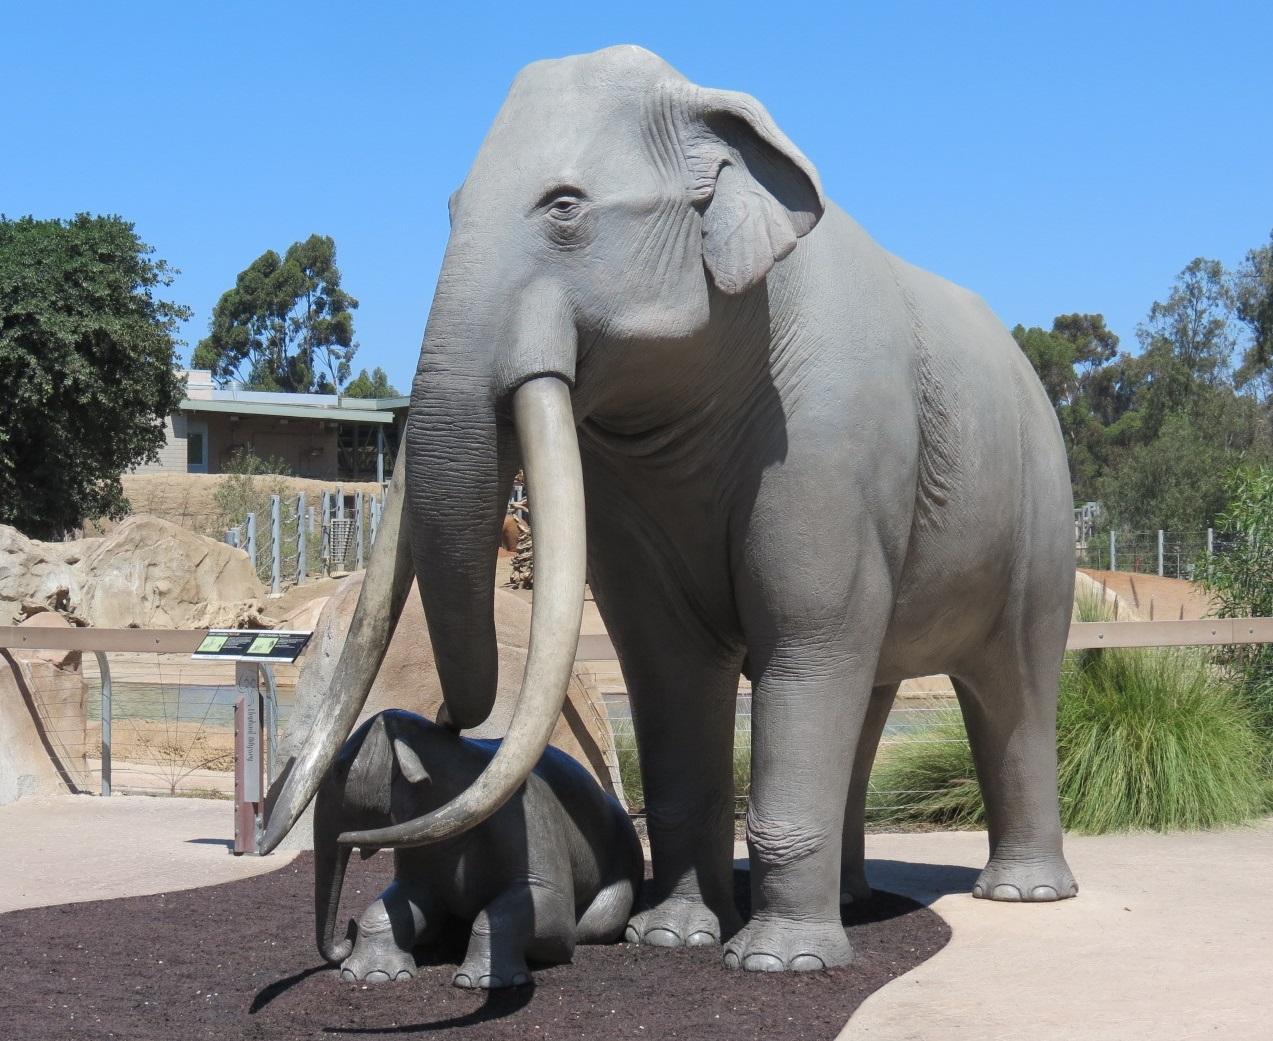 Handmade customized fiberglass woolly mammoth sculpture for outdoor